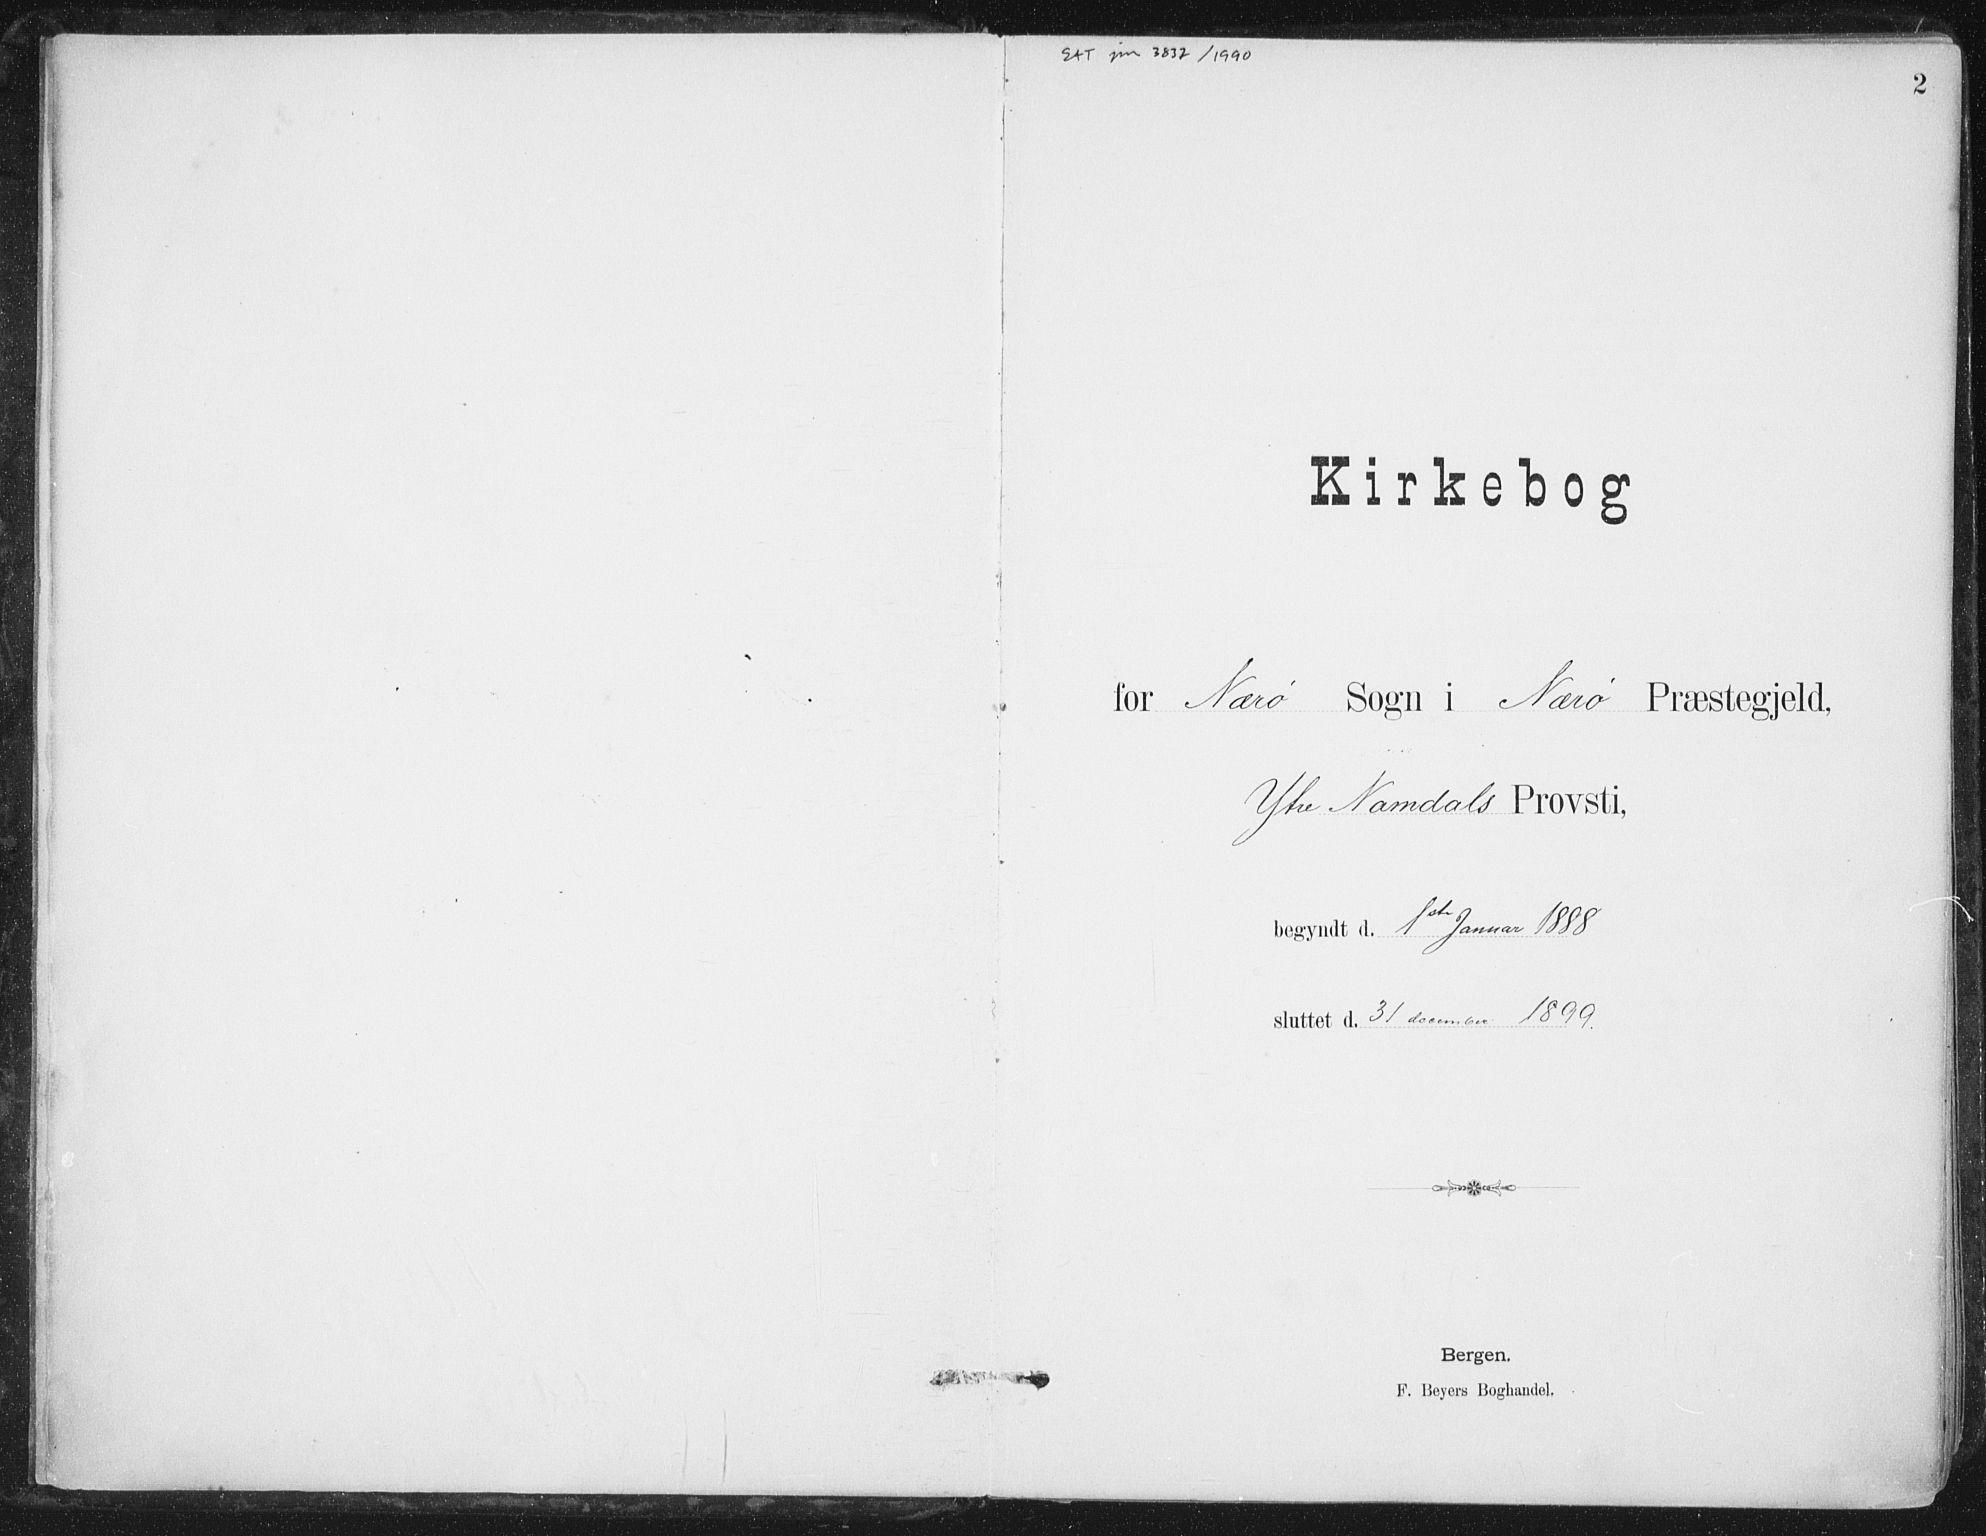 SAT, Ministerialprotokoller, klokkerbøker og fødselsregistre - Nord-Trøndelag, 784/L0673: Ministerialbok nr. 784A08, 1888-1899, s. 2